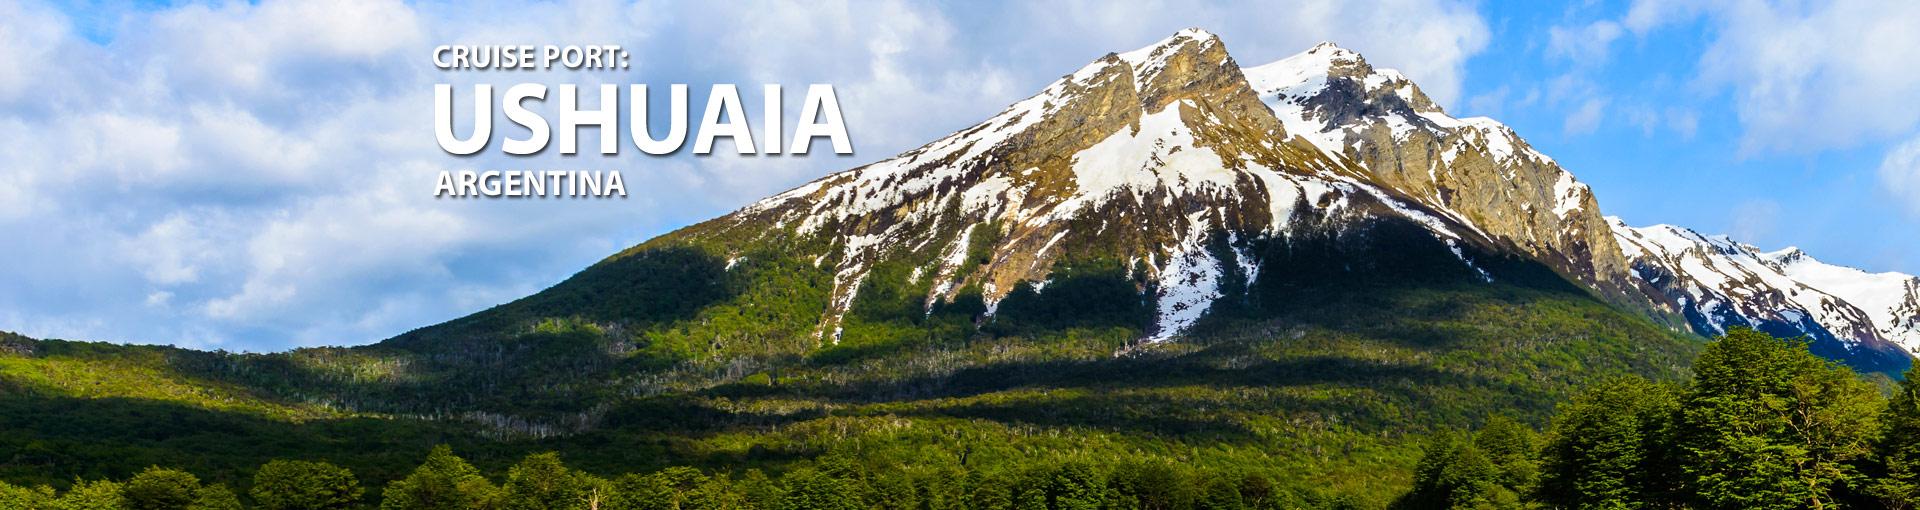 Cruises from Ushuaia, Argentina